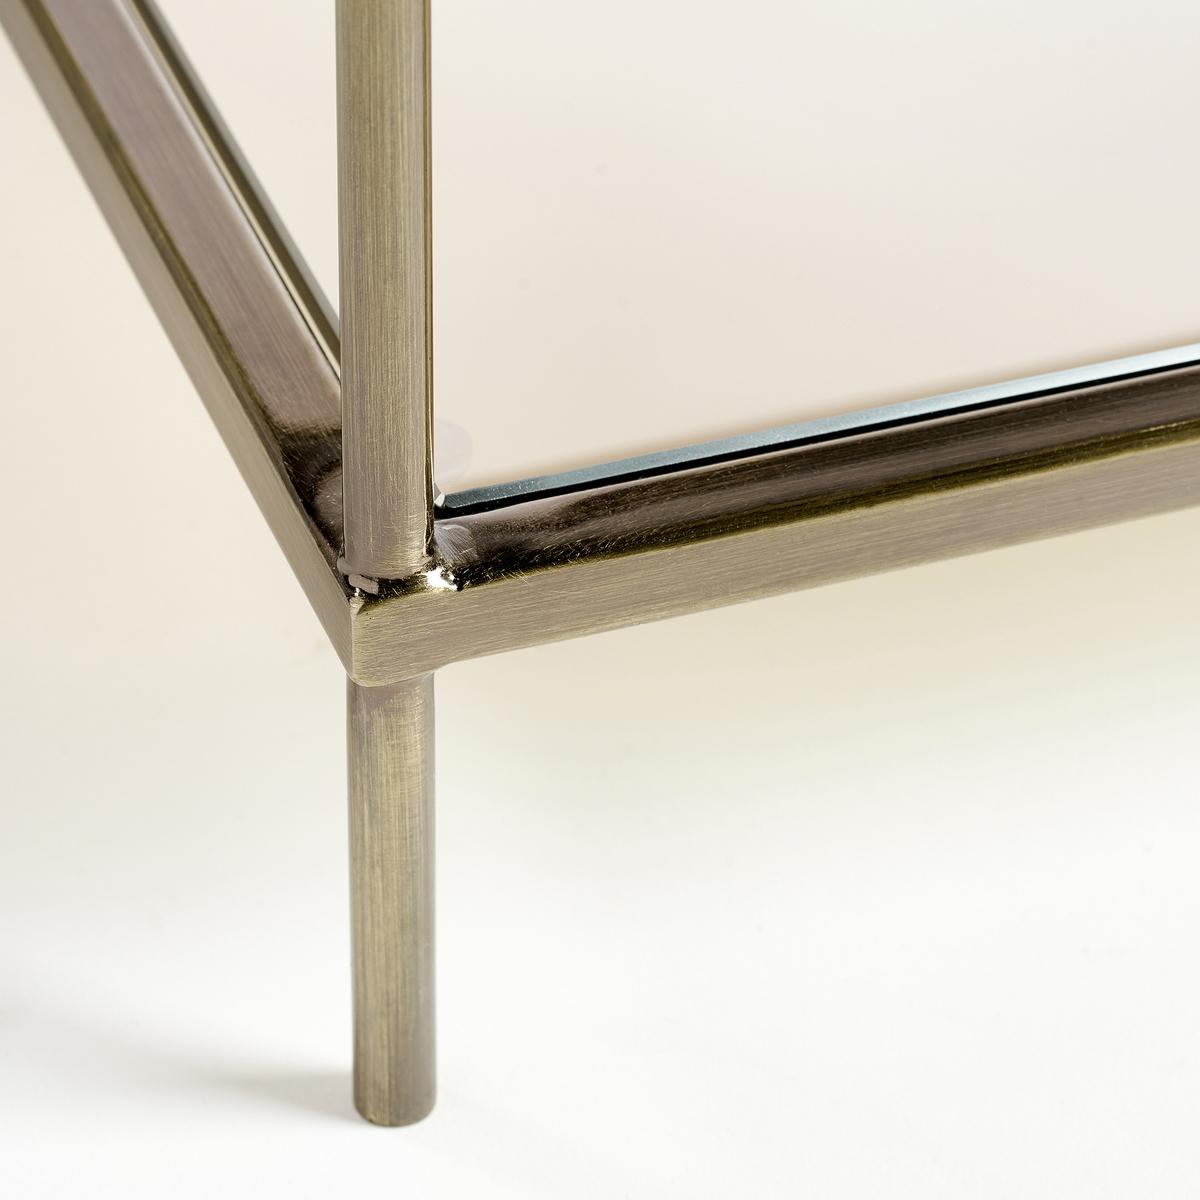 Столик журнальный UlupnaВы можете менять столешницы местами: столешница из затемненного стекла сверху и столешница из зеркального стекла снизу или наоборот.Характеристики: : - Металлический каркас с латунным покрытием- Верхняя столешница из затемненного стекла серого цвета, толщина 6 мм- Нижняя столешница из стекла с зеркальным эффектом, толщина 6 мм- Поставляется готовым к сборке, инструкция прилагается.Размеры  : - Д40 x В40 x Г40 см, 6,23 кг<br><br>Цвет: старинная латунь